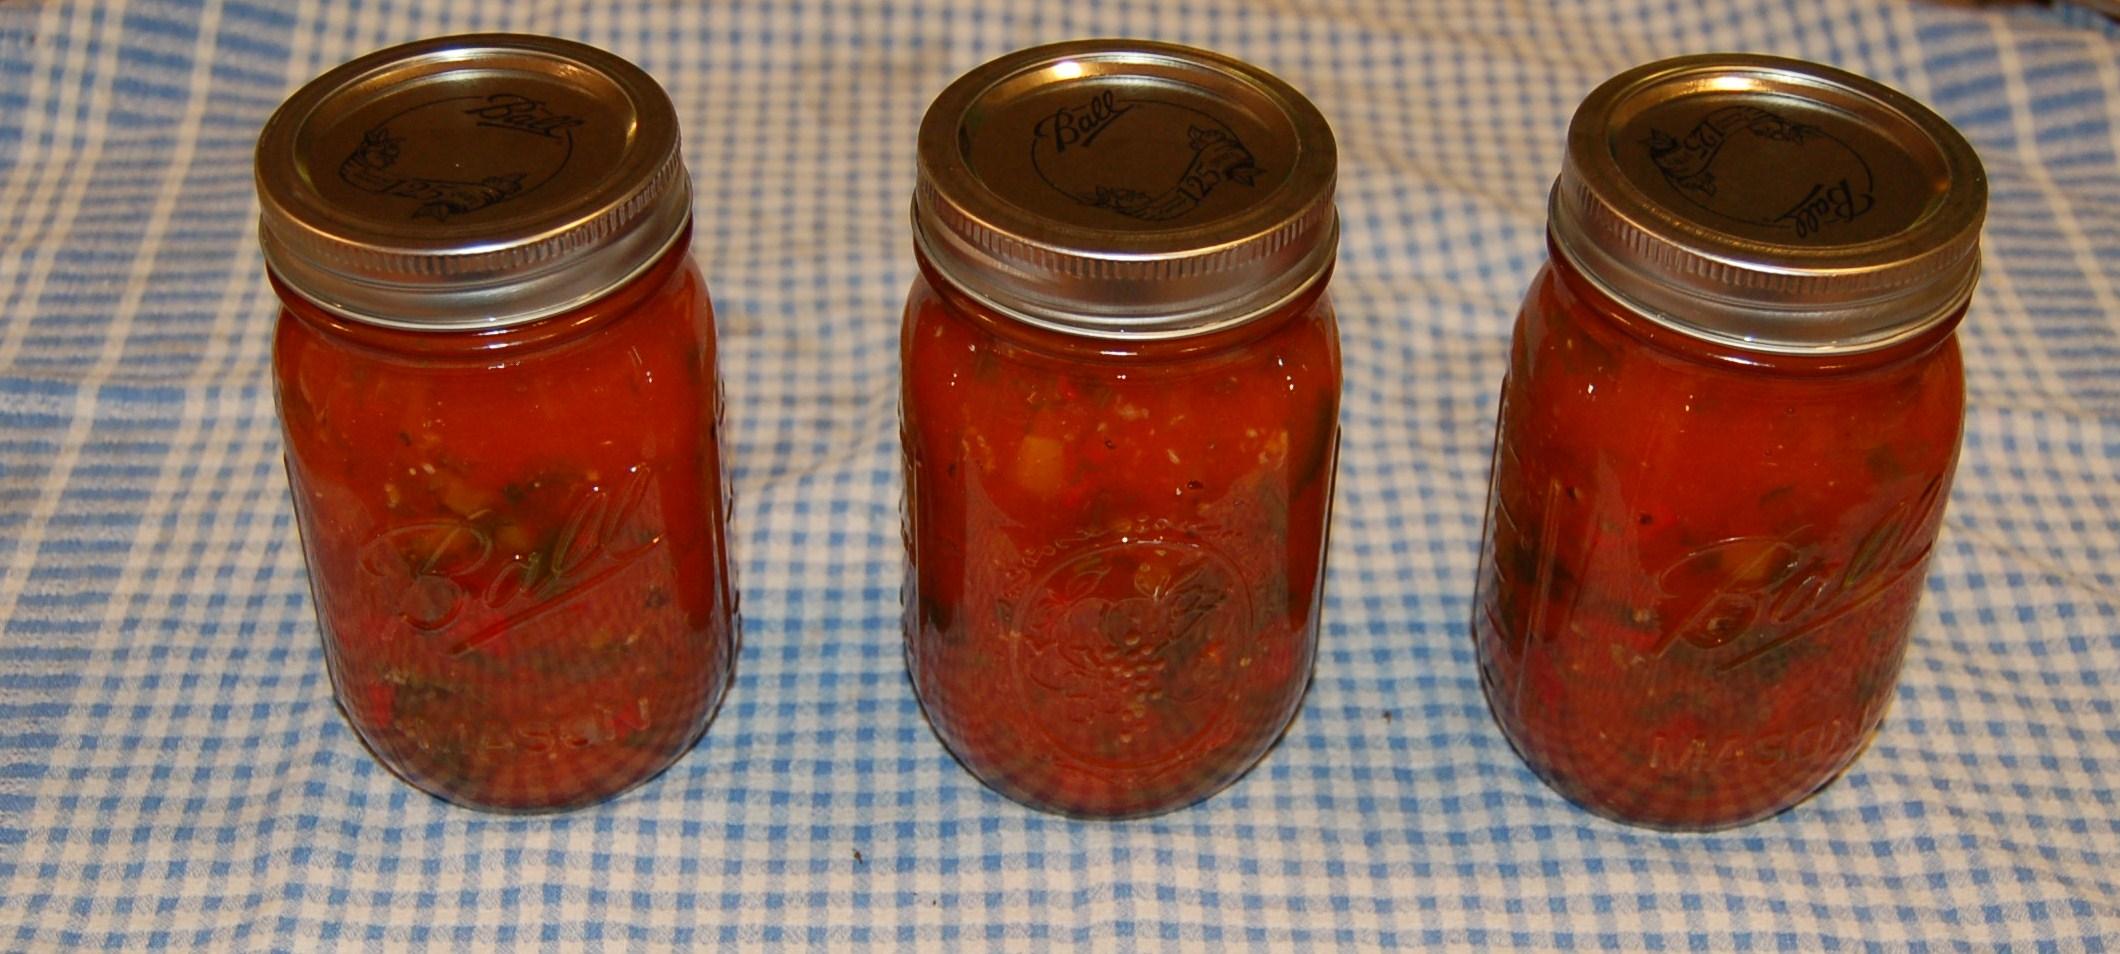 Finished tomato sauce